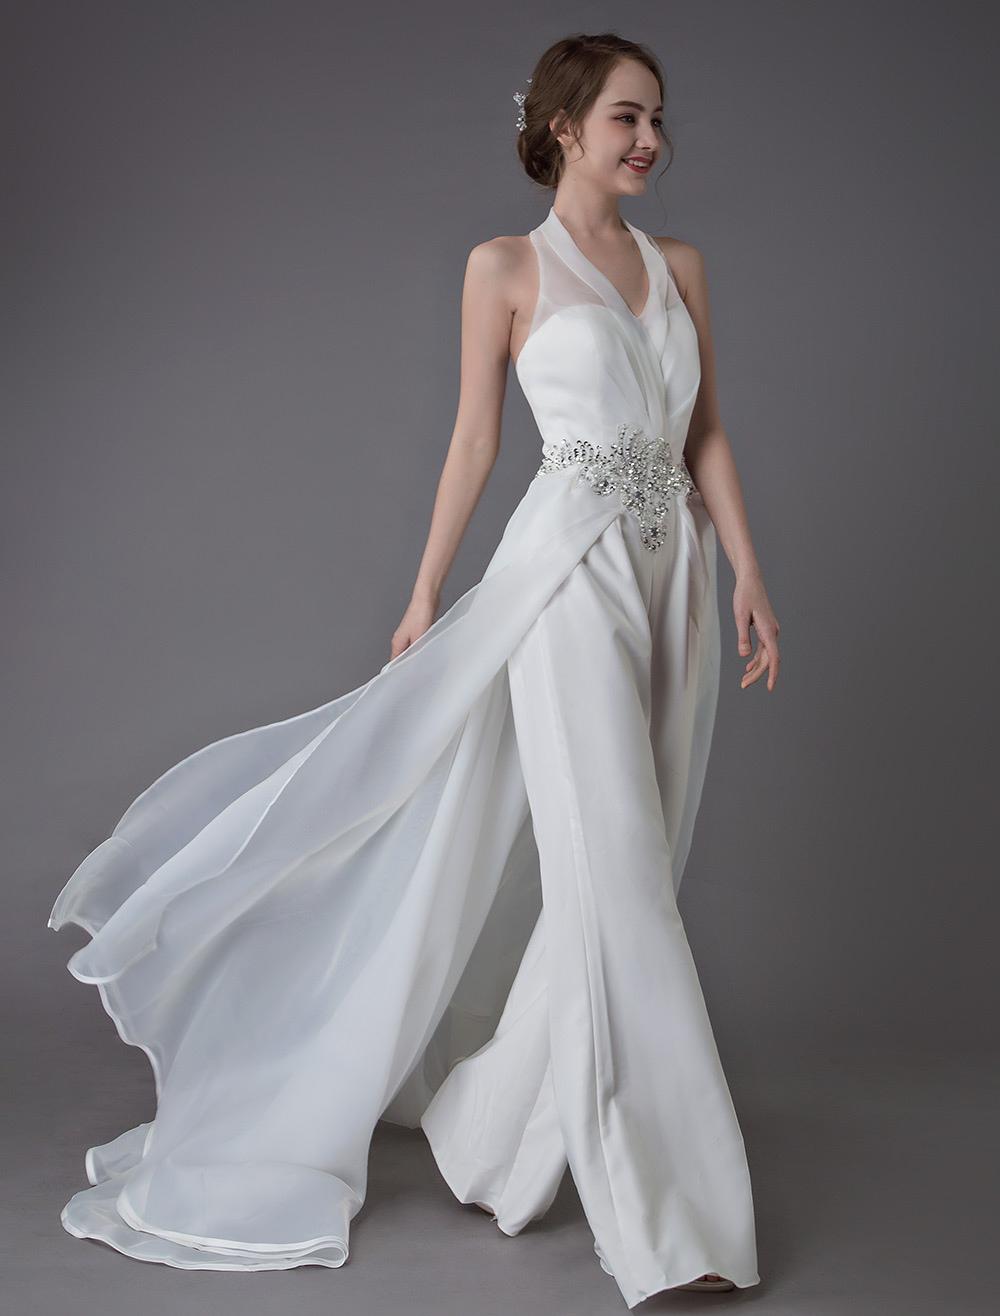 new style 36dc6 8c9e1 Elfenbein Hochzeit Jumpsuits Halfter V-Ausschnitt Strass Backless Culottes  Brautkleid